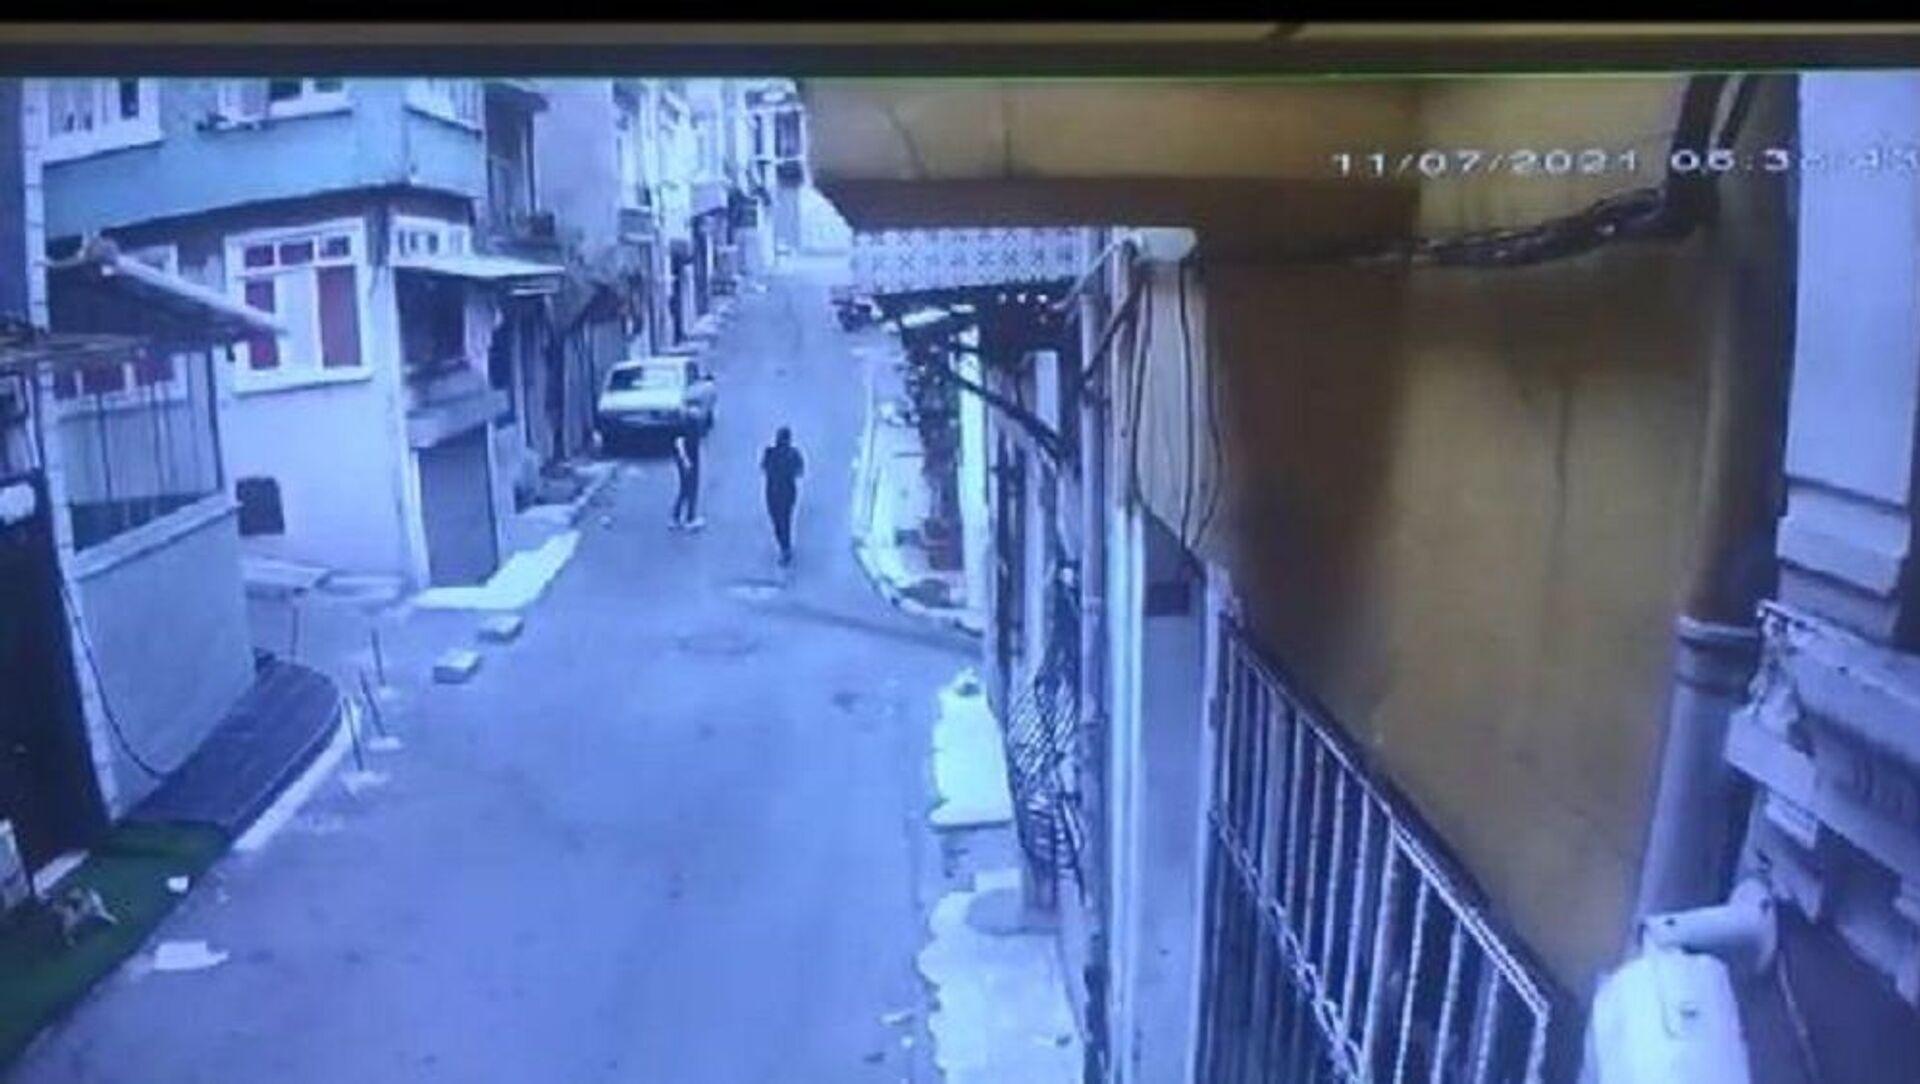 Pencere korkuluklarından tırmanarak girdikleri evleri soyan şüpheliler yakalandı - Sputnik Türkiye, 1920, 15.07.2021